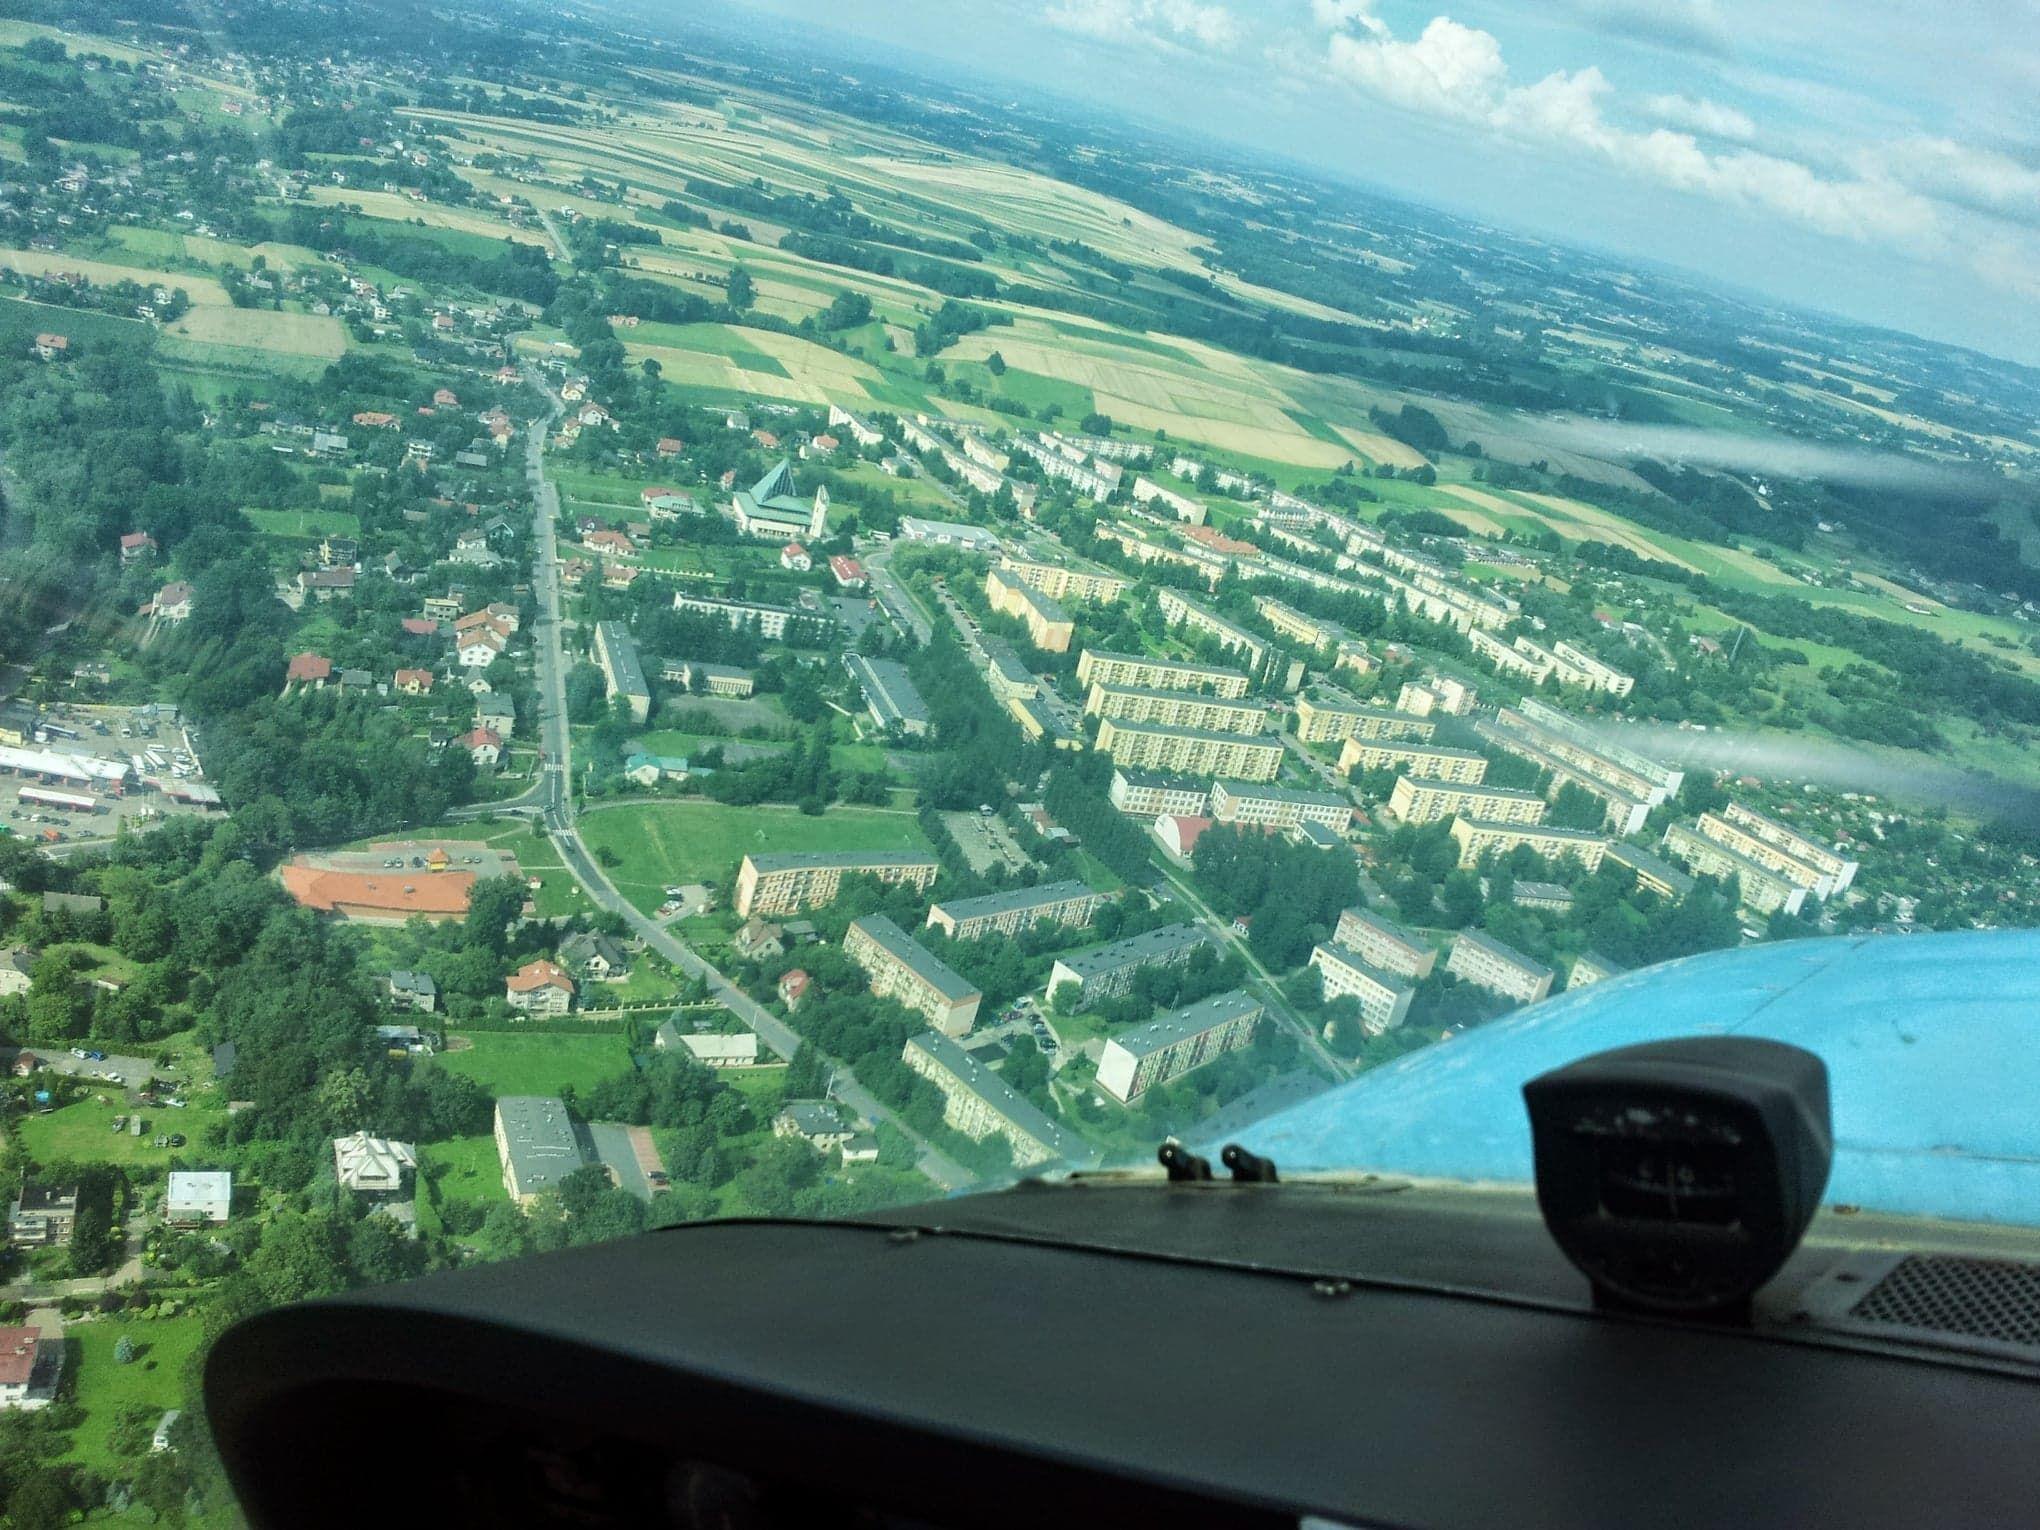 Trasa Bielsko-Biała - Andrychów z lotu ptaka [FOTO]